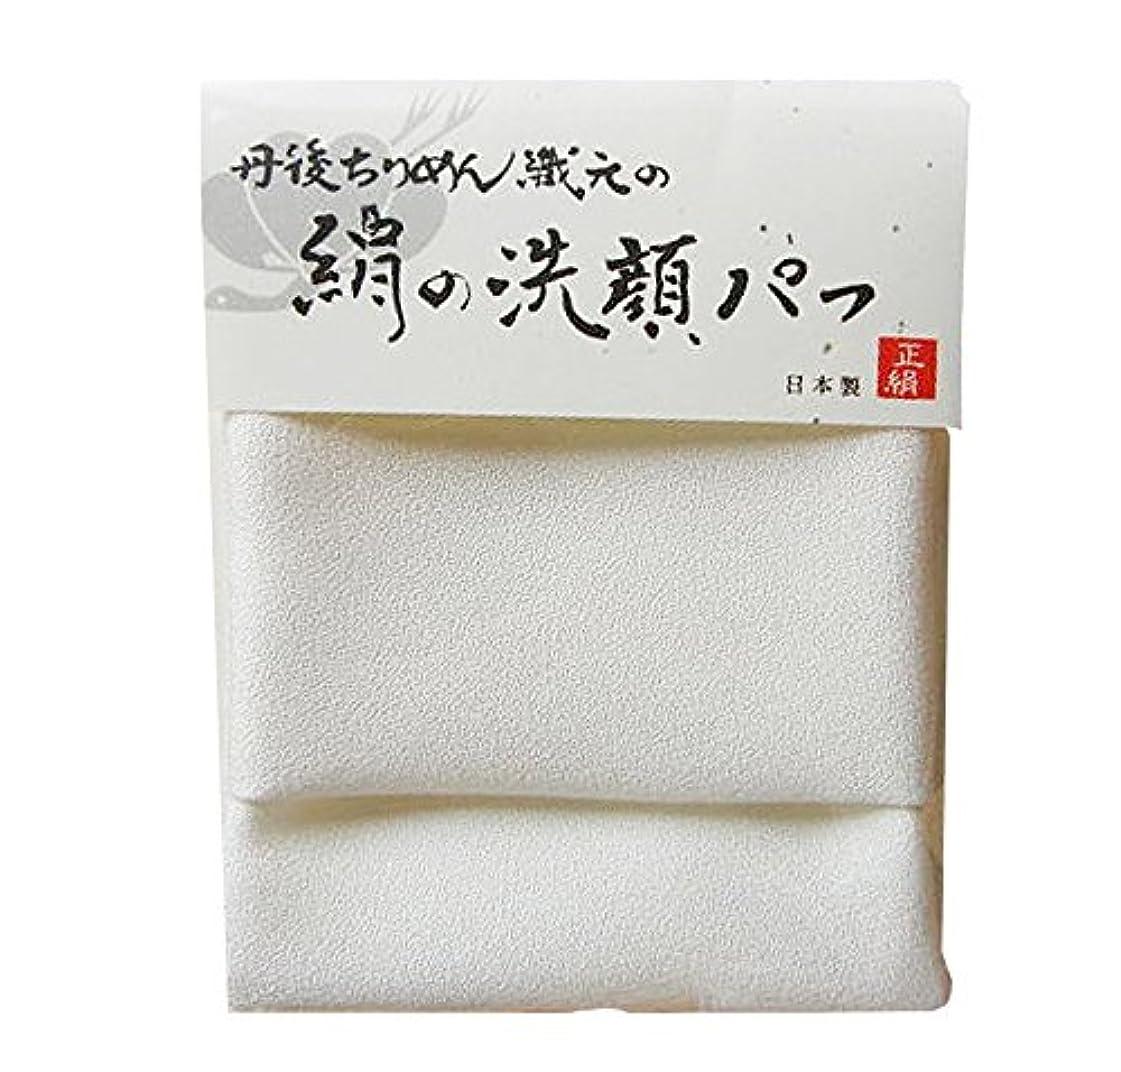 礼拝黒意気込み【NHKイッピンで紹介!】丹後ちりめん織元の絹の洗顔パフ